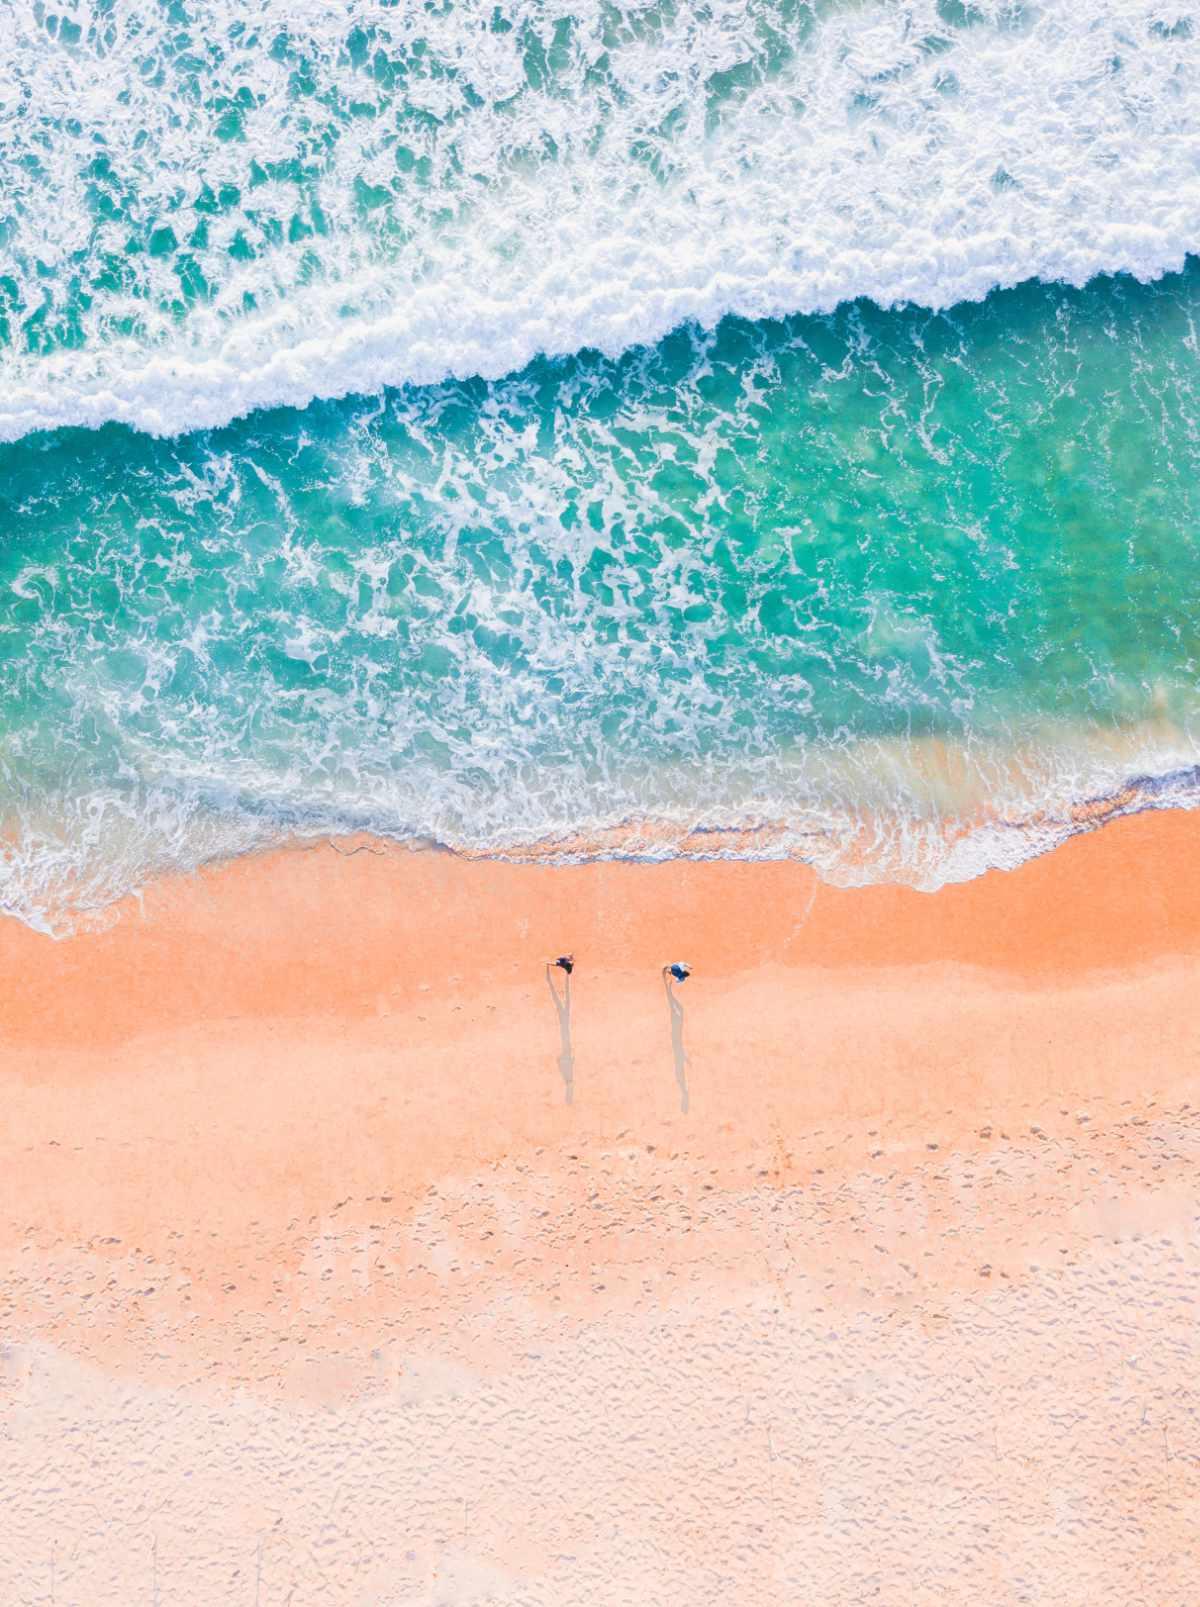 spiaggia in agosto, vacanze